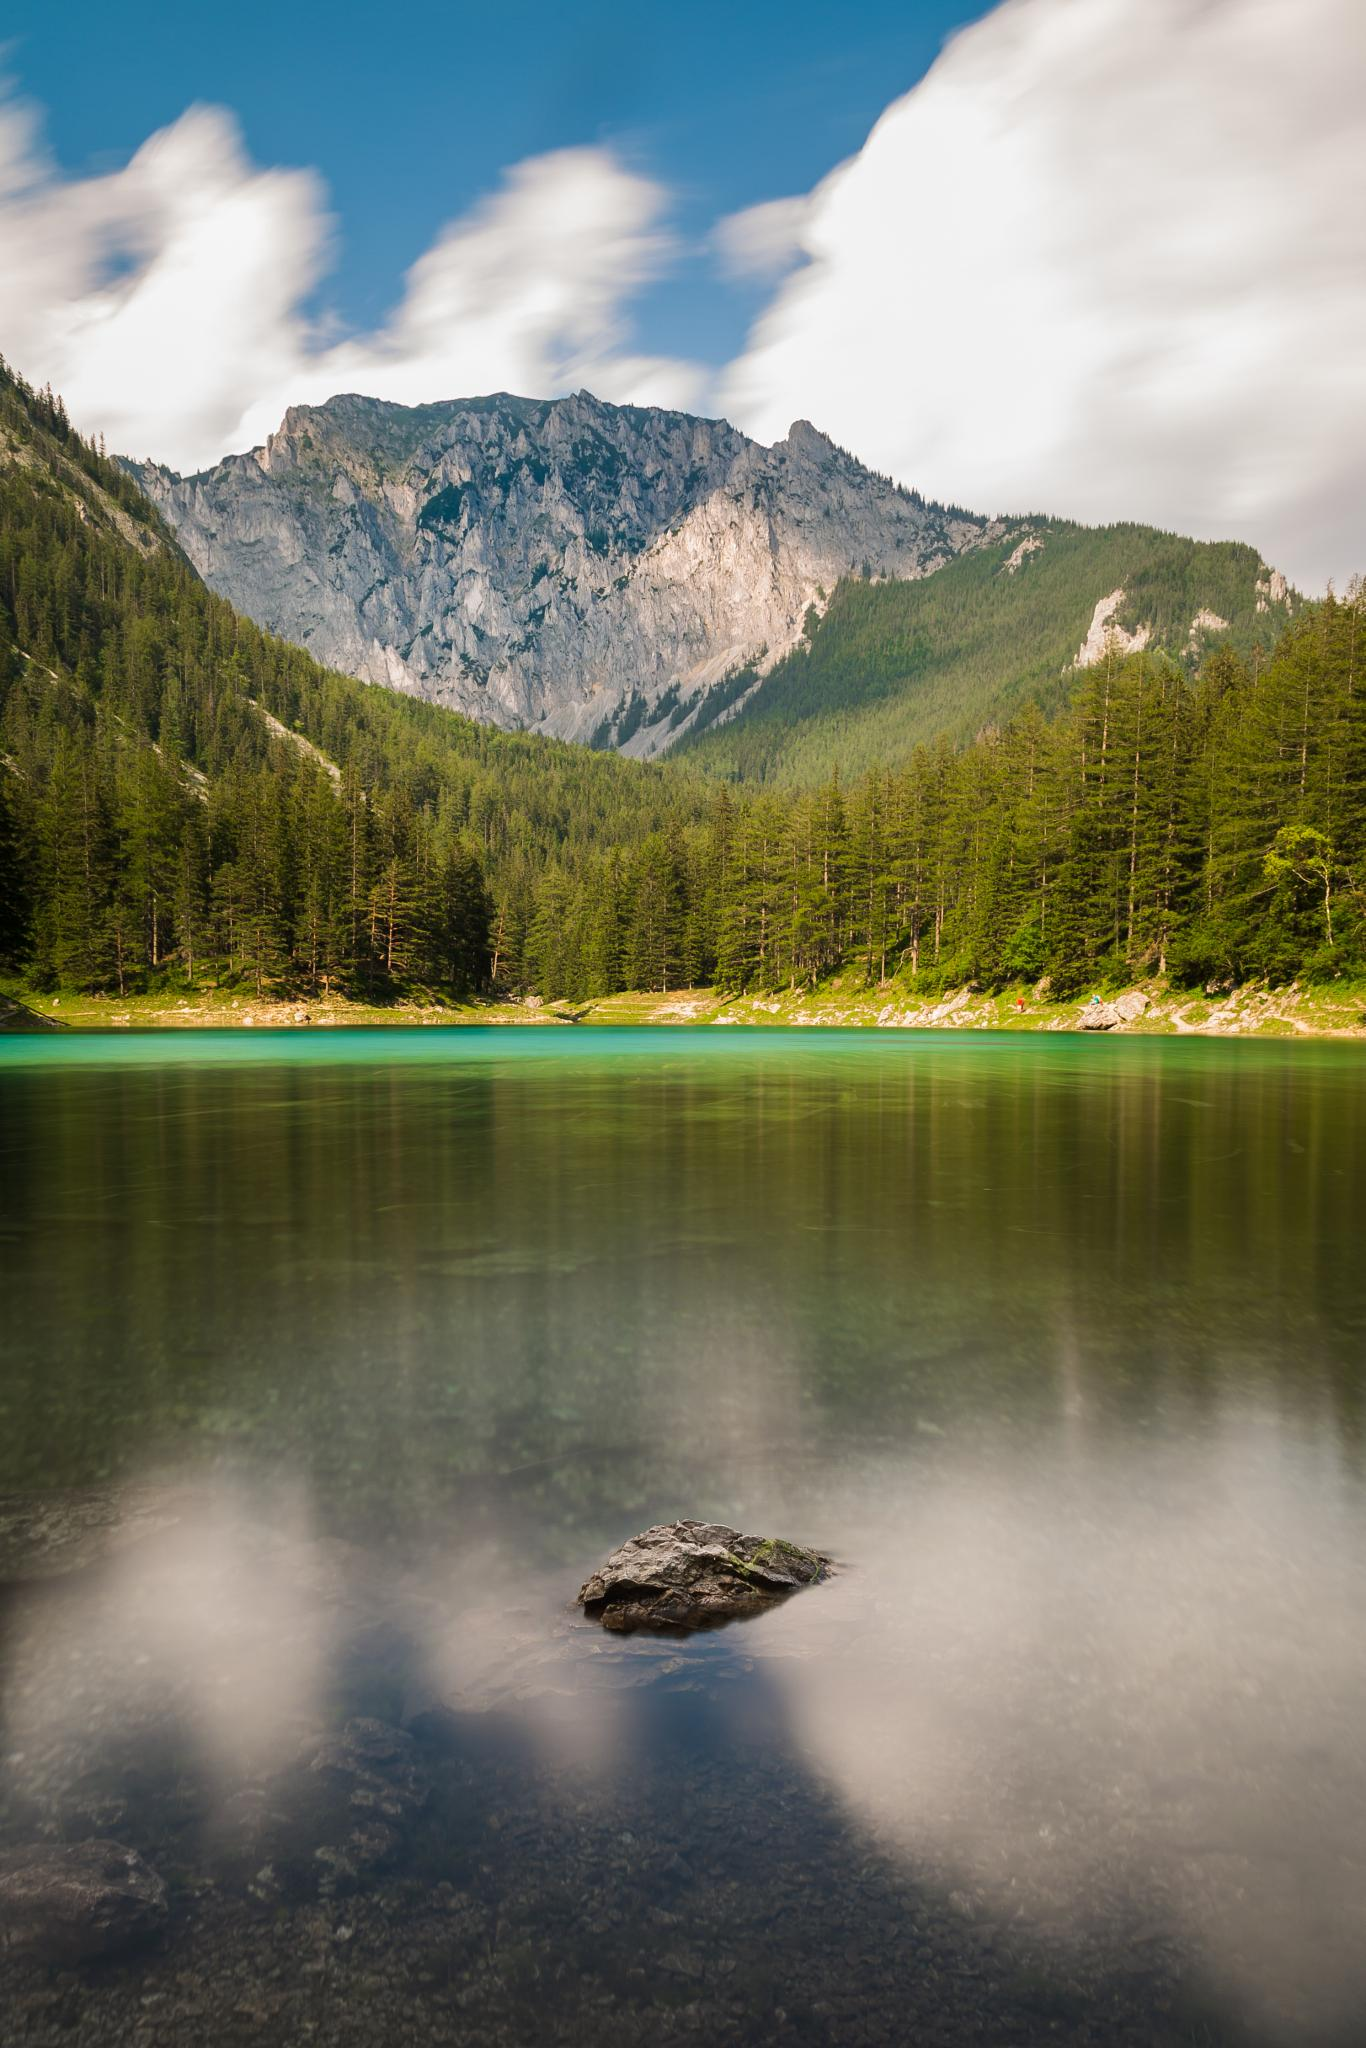 Green Lake - Two Rocks by Martin